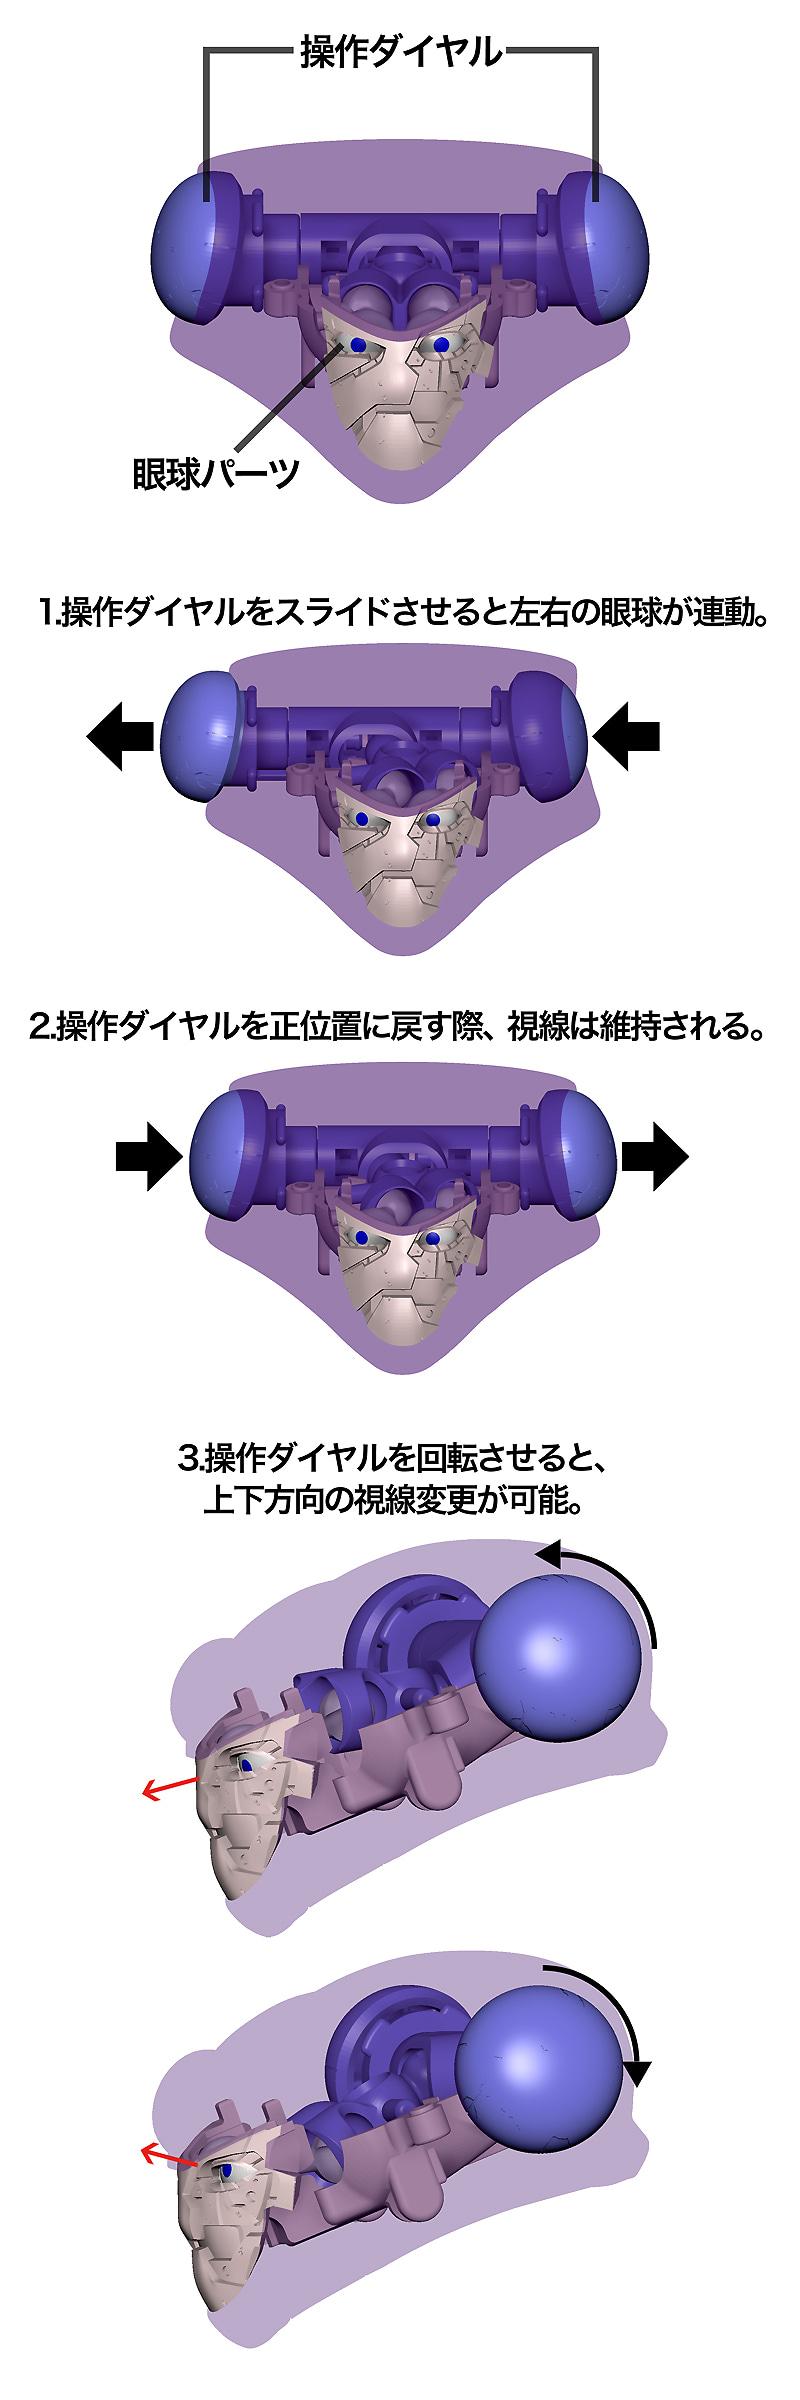 幻魔大戦『ベガ』12インチ アクションフィギュア-010